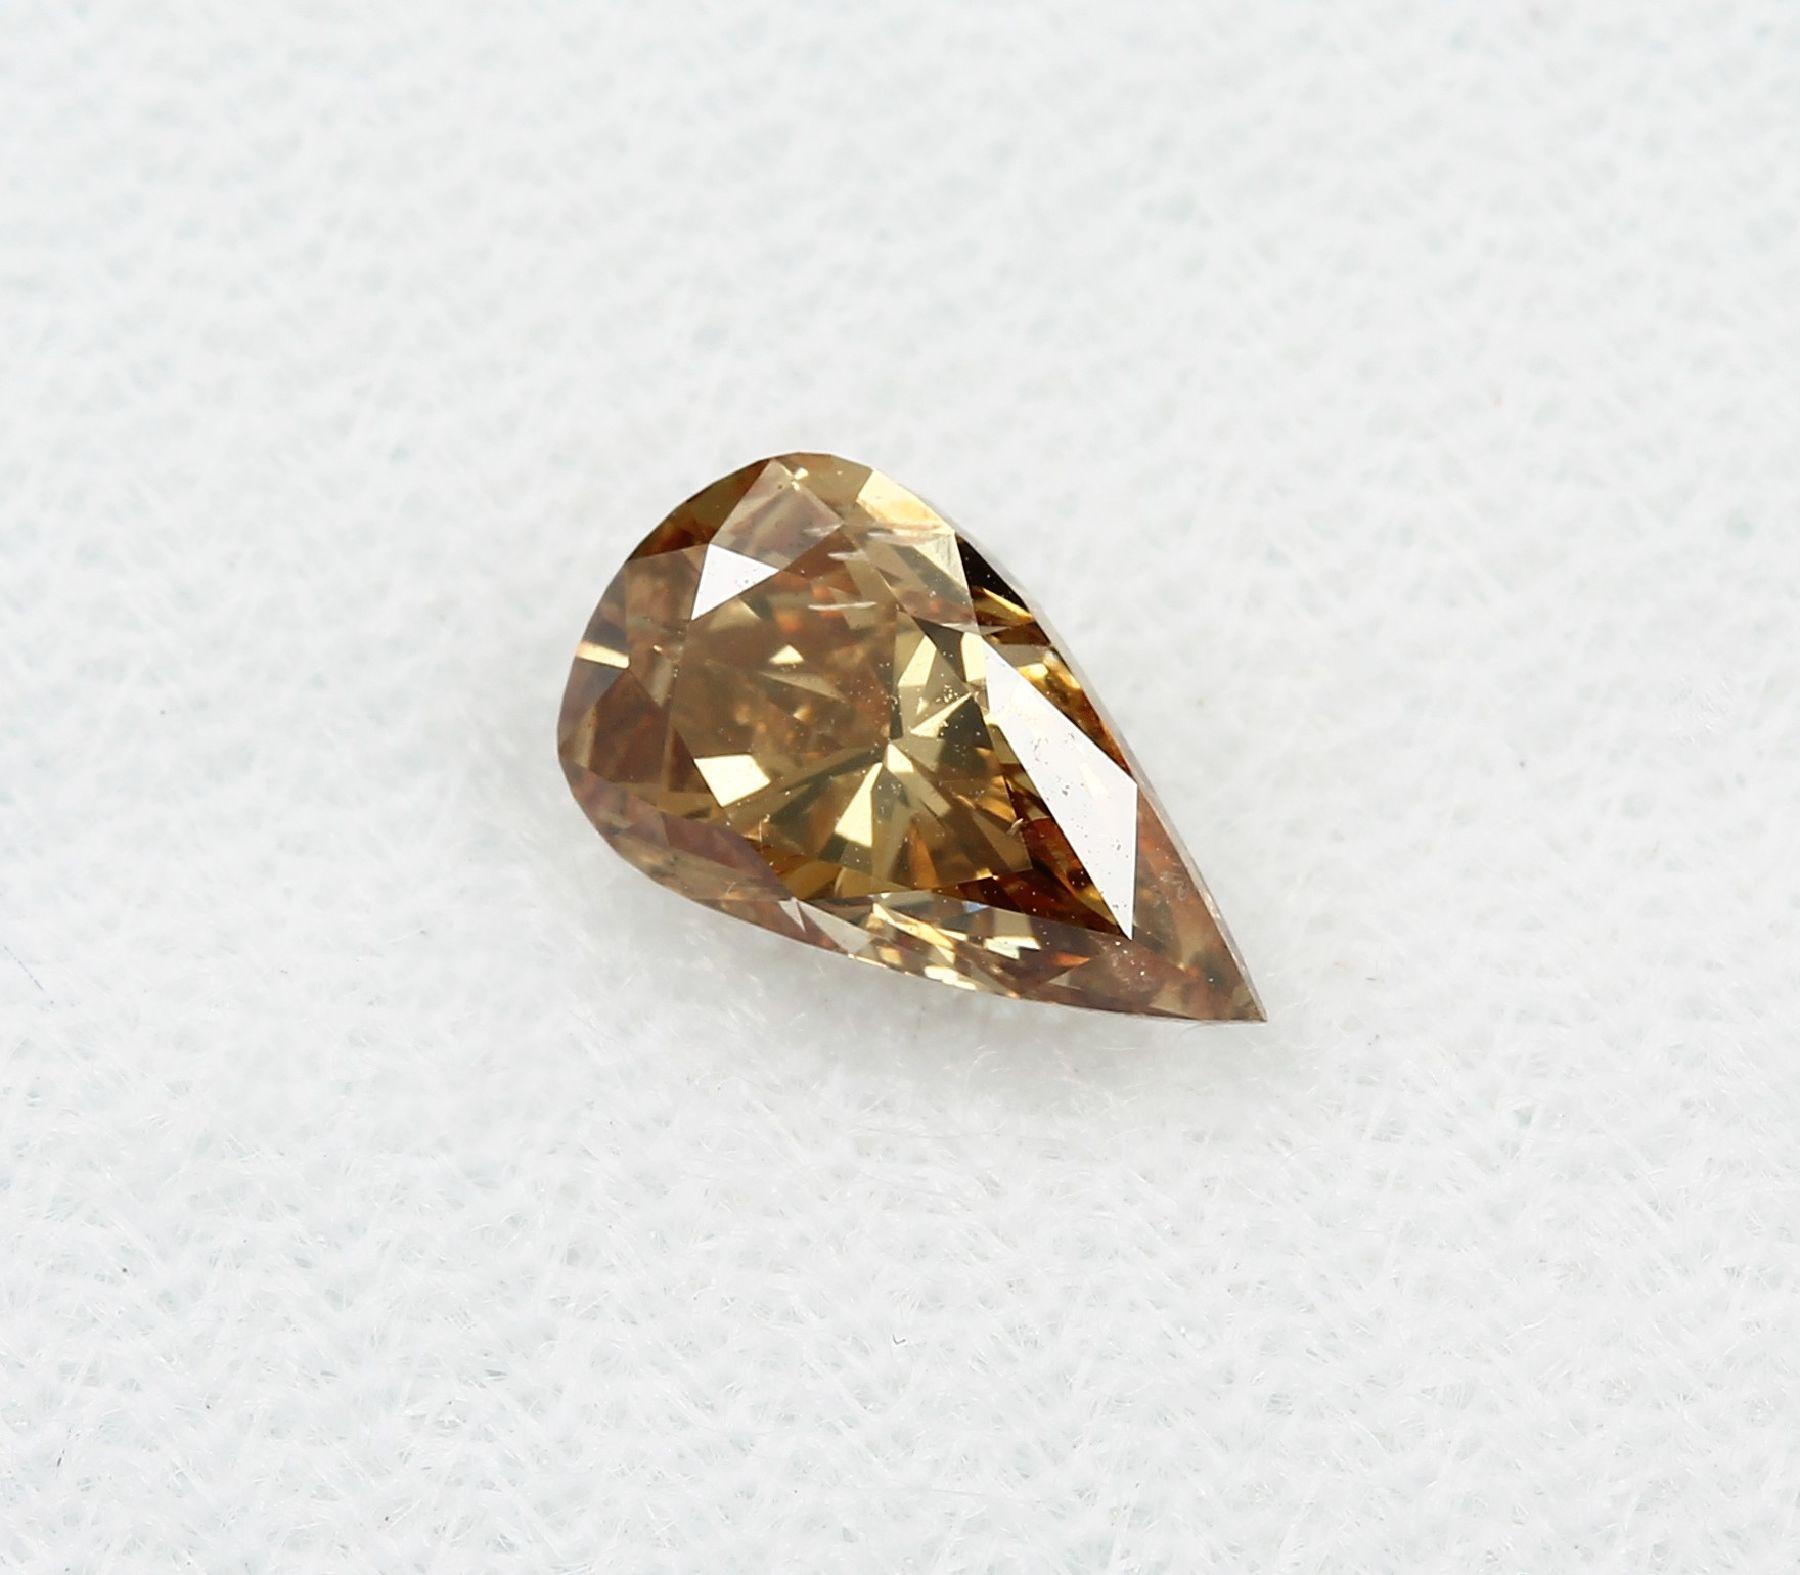 Loser Diamant, 1.01 ct Natural fancy deep brown-yellow, tropfenf. facett., 8.57 x 5.02 x 3.9 mm, mit - Bild 3 aus 3